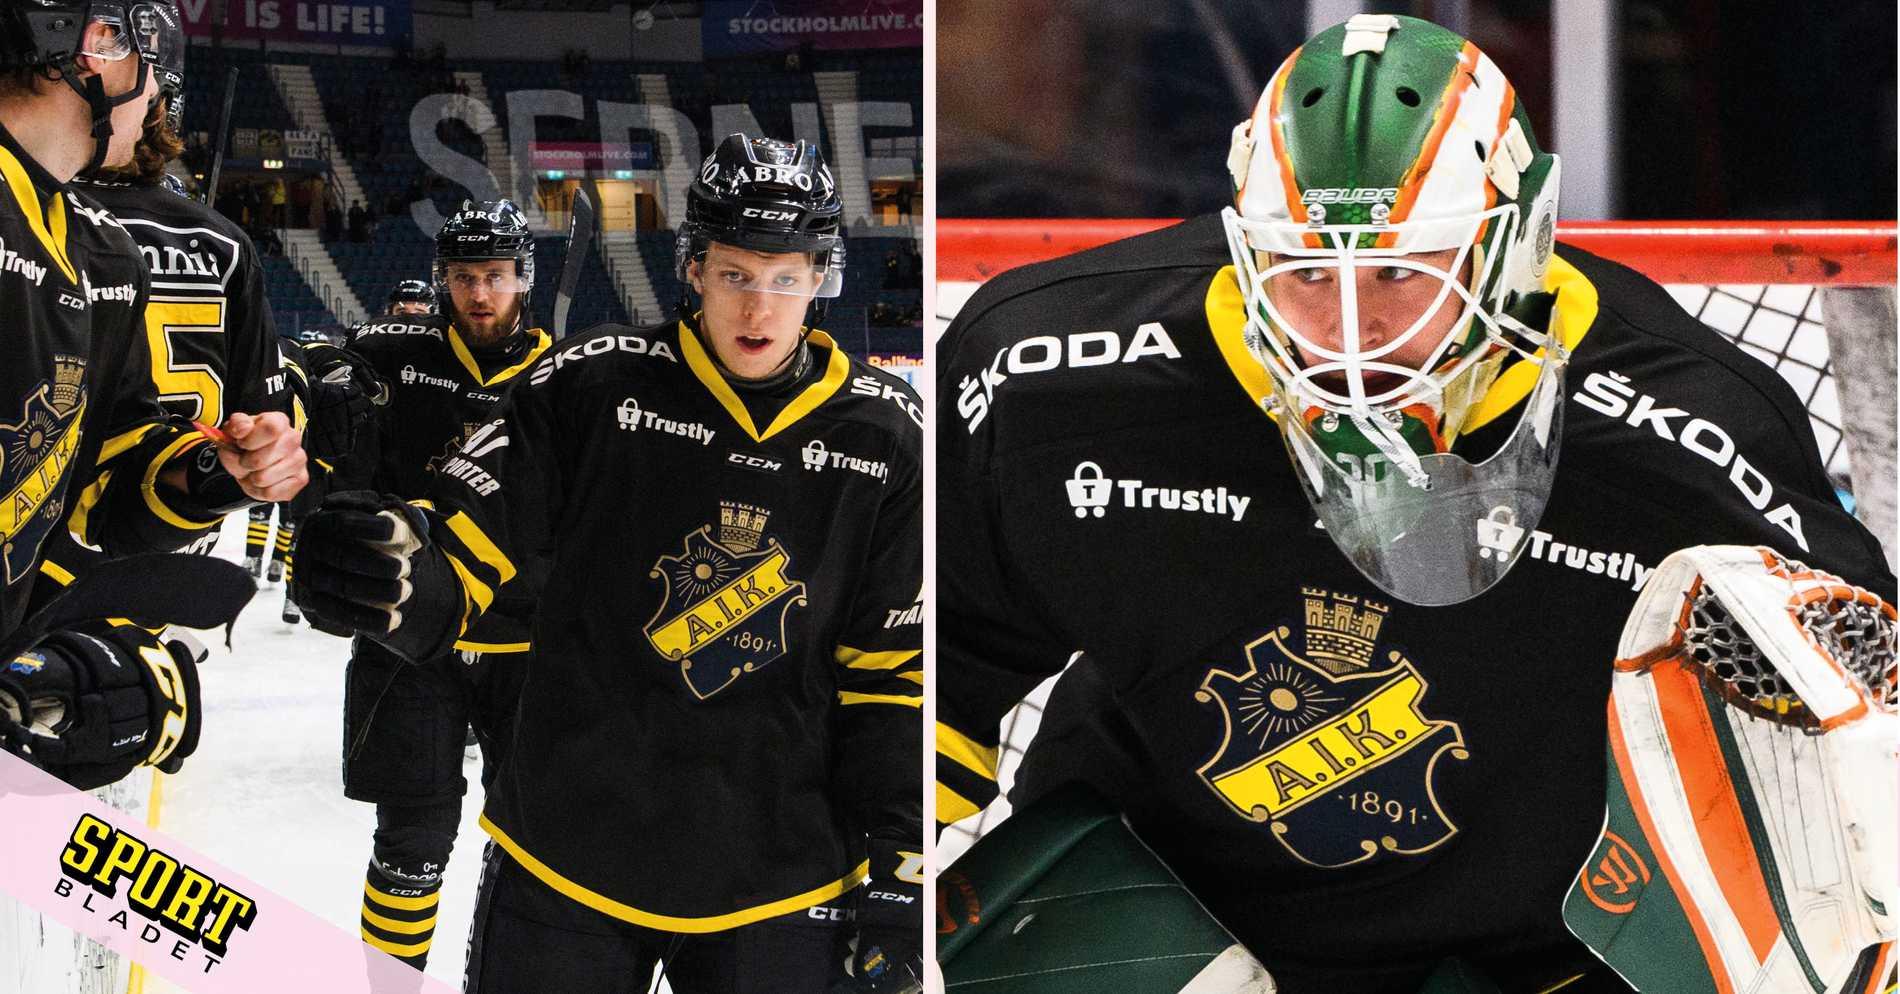 AIK rensar i truppen – 18 spelare lämnar